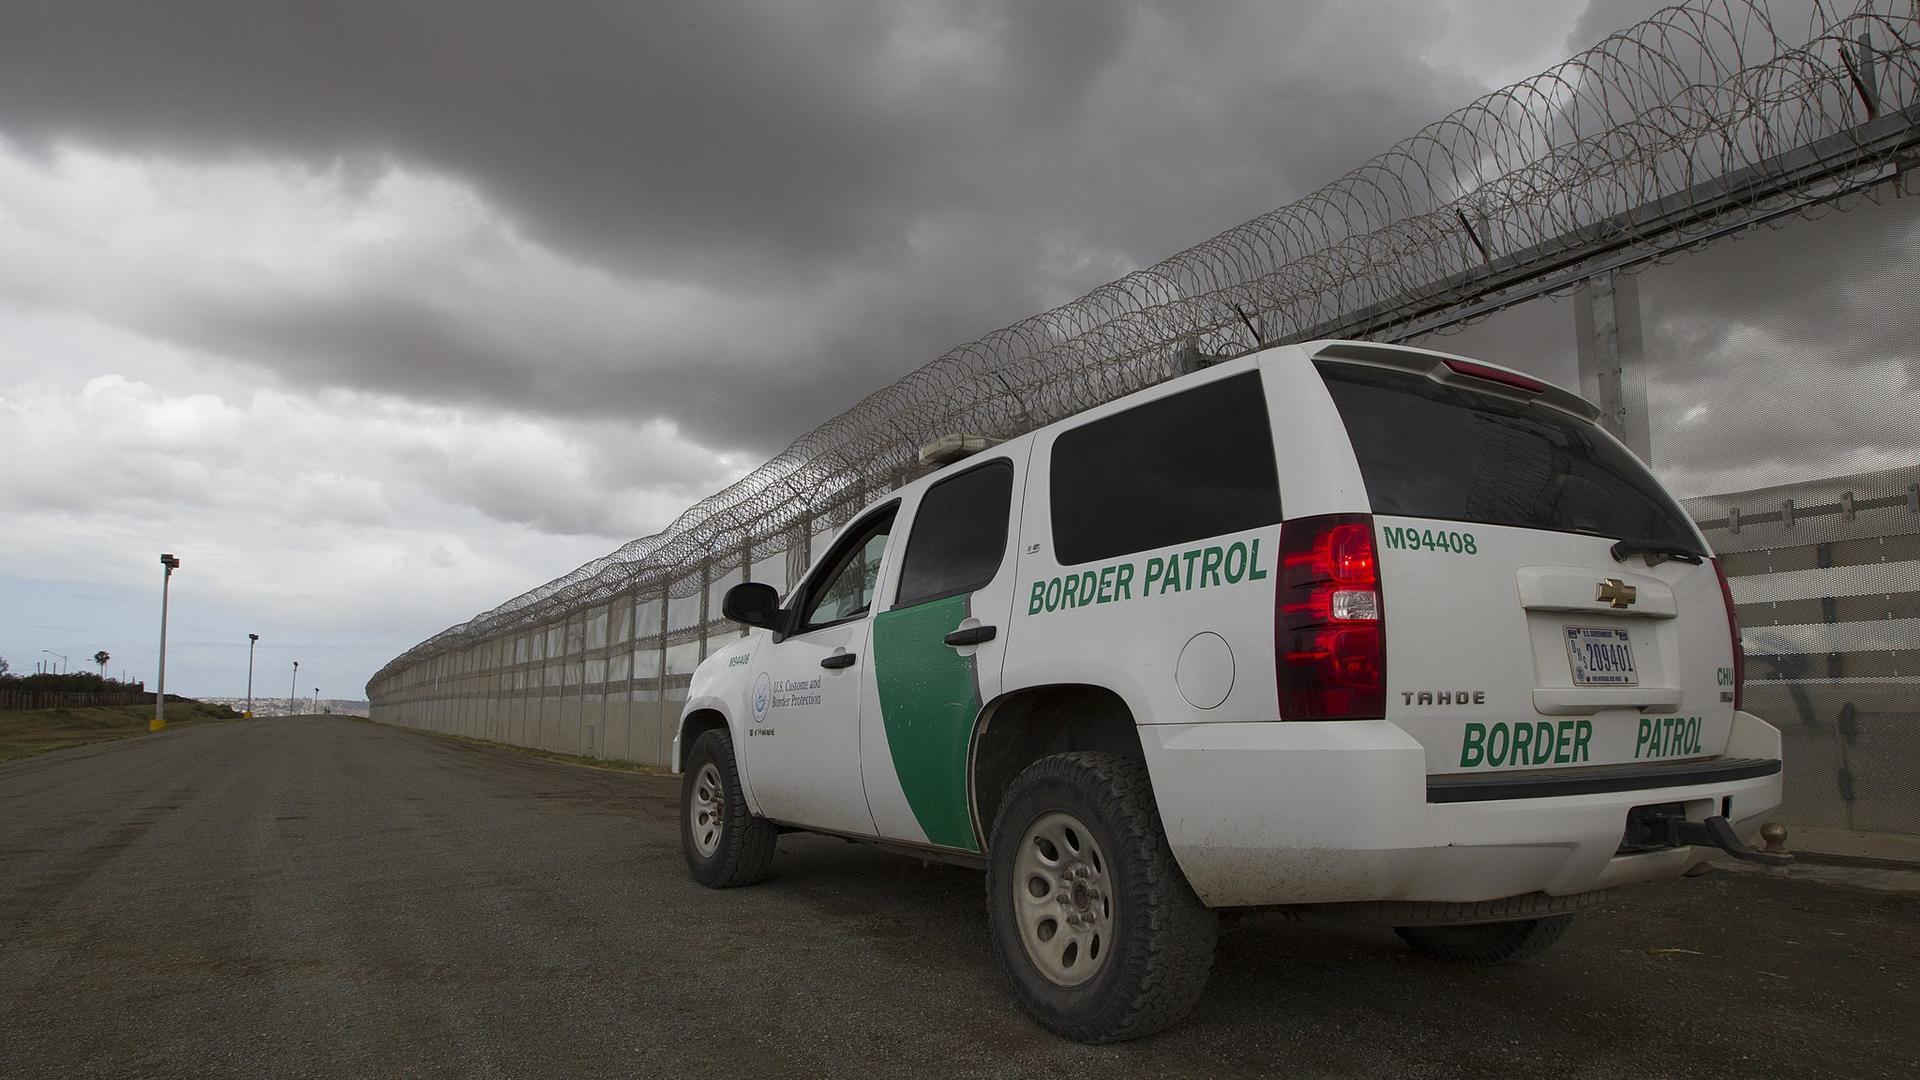 U.S. Border Patrol vehicle at a border fence near San Diego